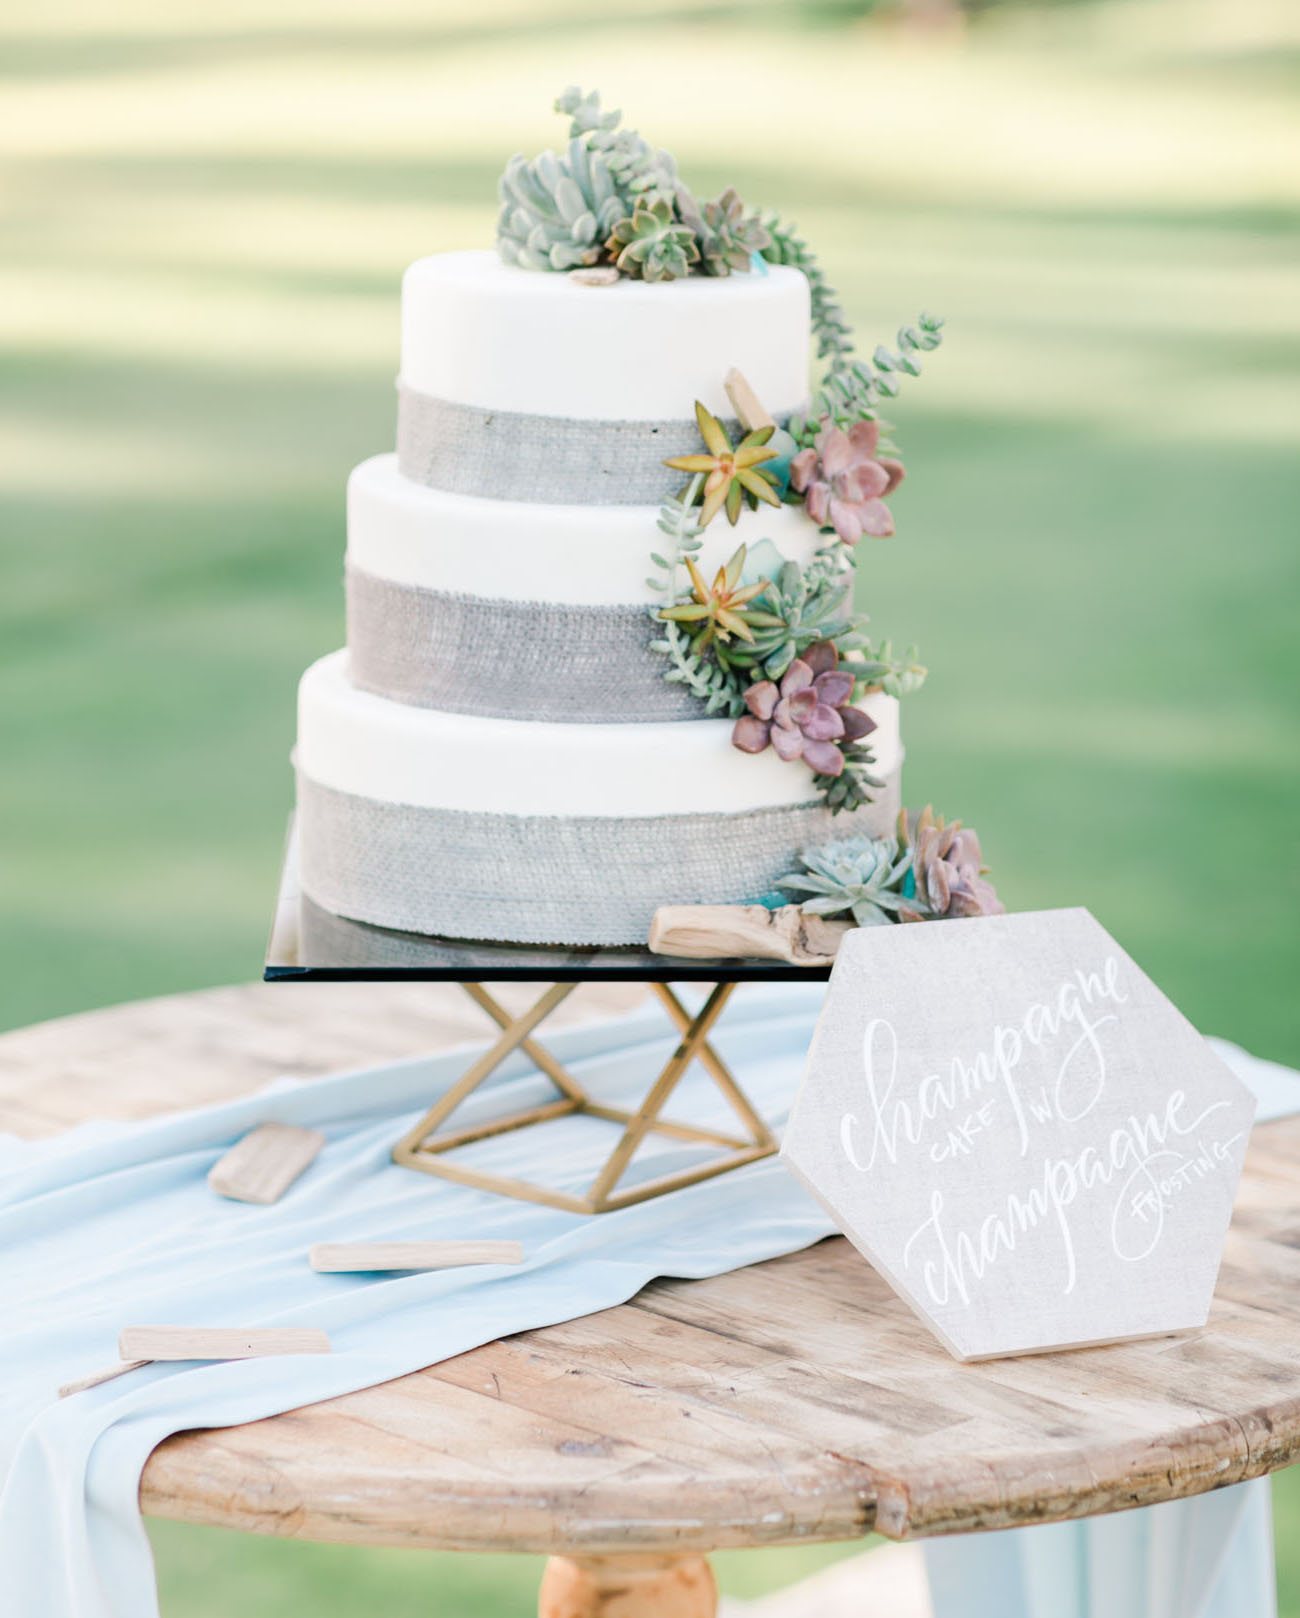 white and gray wedding cake